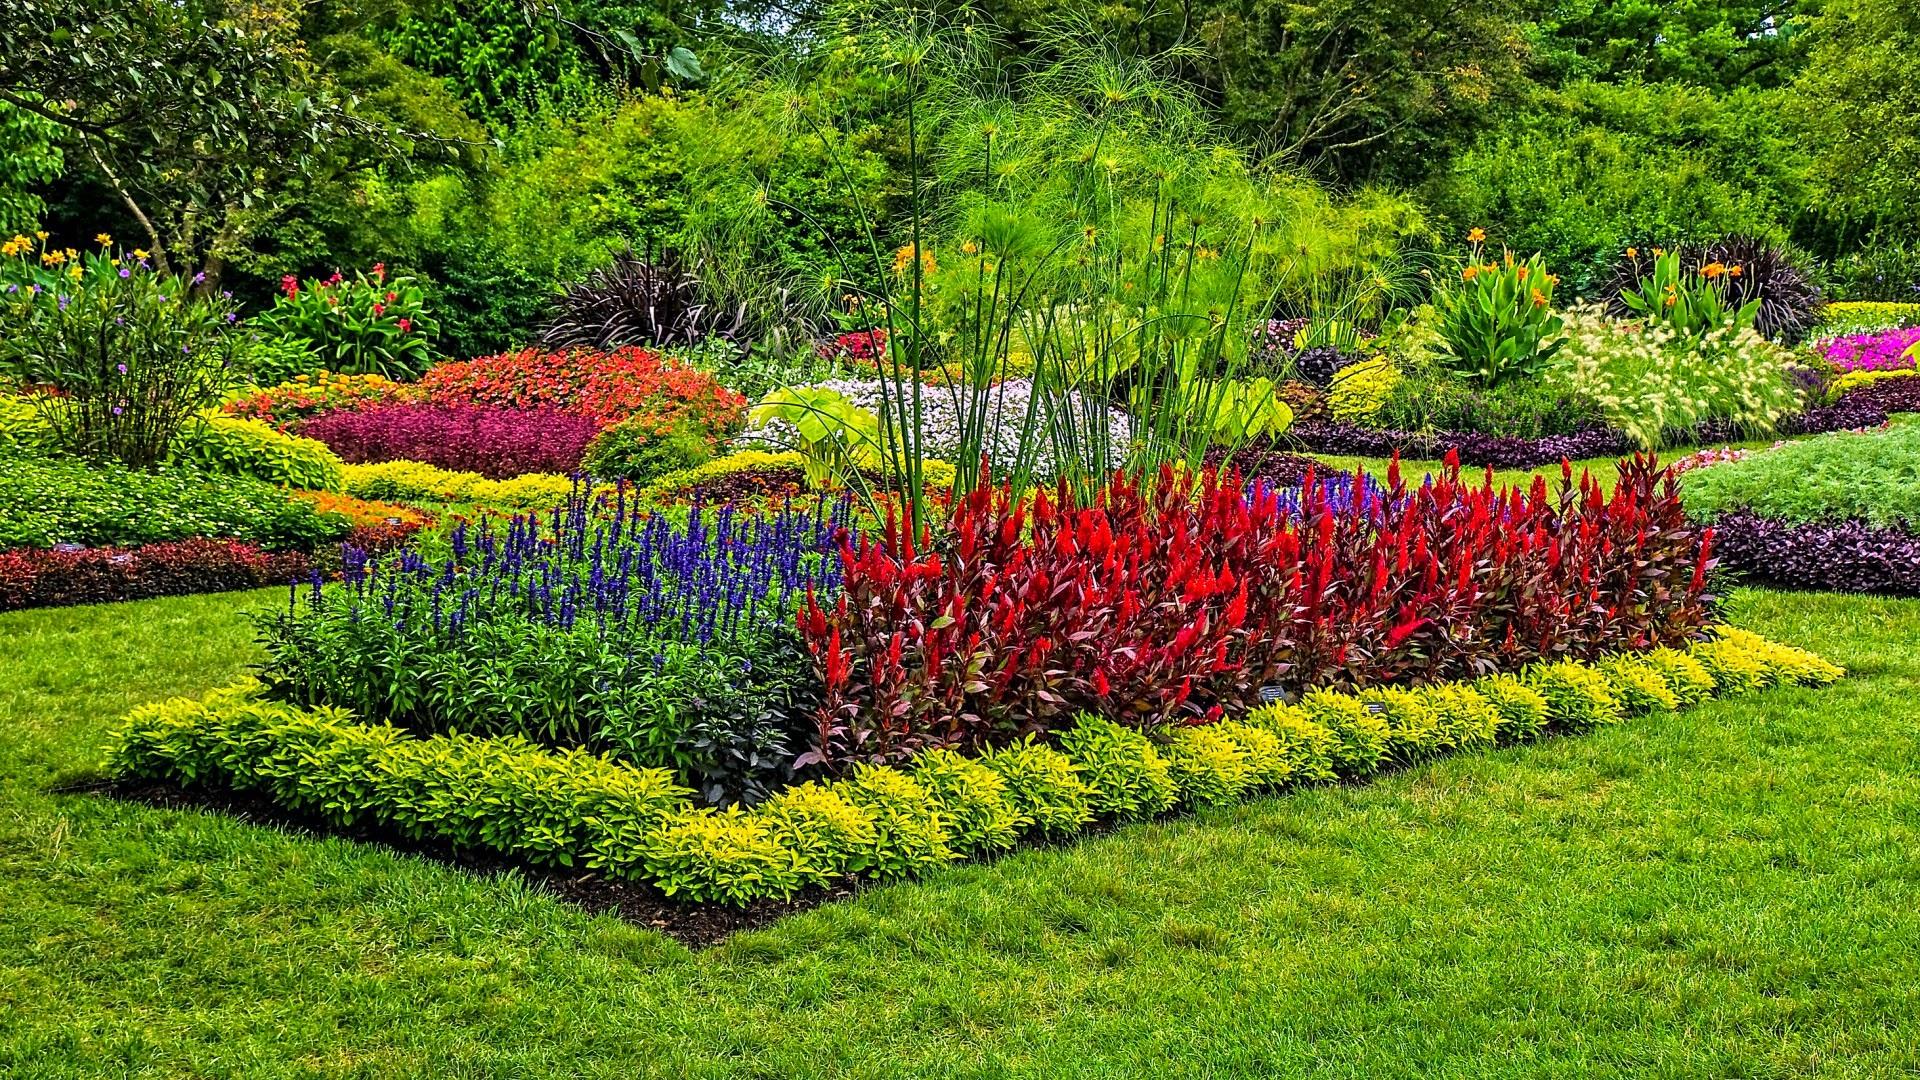 Im genes de jardines muy coloridos fotos e im genes en for Tipos de pinos para jardin fotos